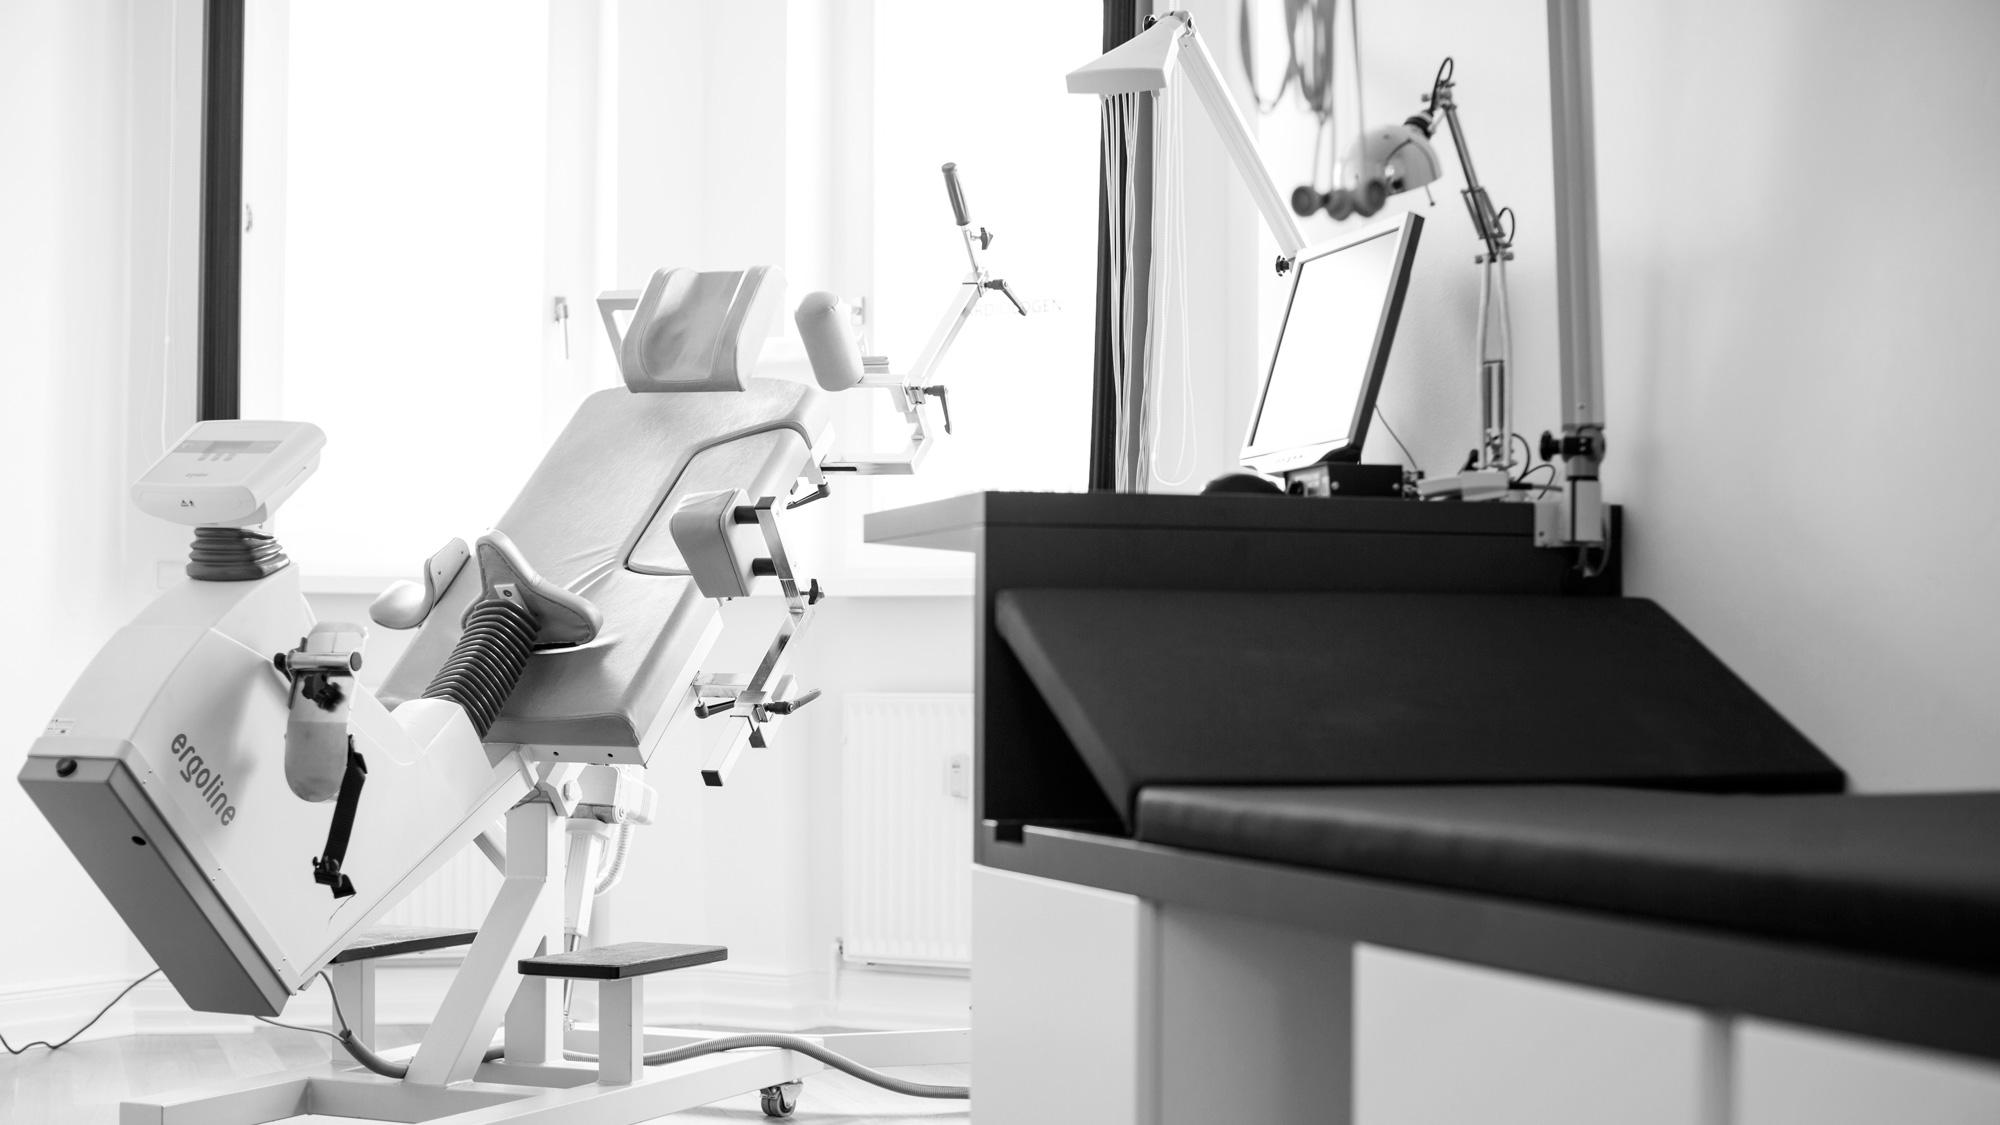 Stressechokardiographie-spezielle Untersuchungsliege für die Stressechokardiographie mit körperlicher Belastung (ergometrische Stressechokardiographie)